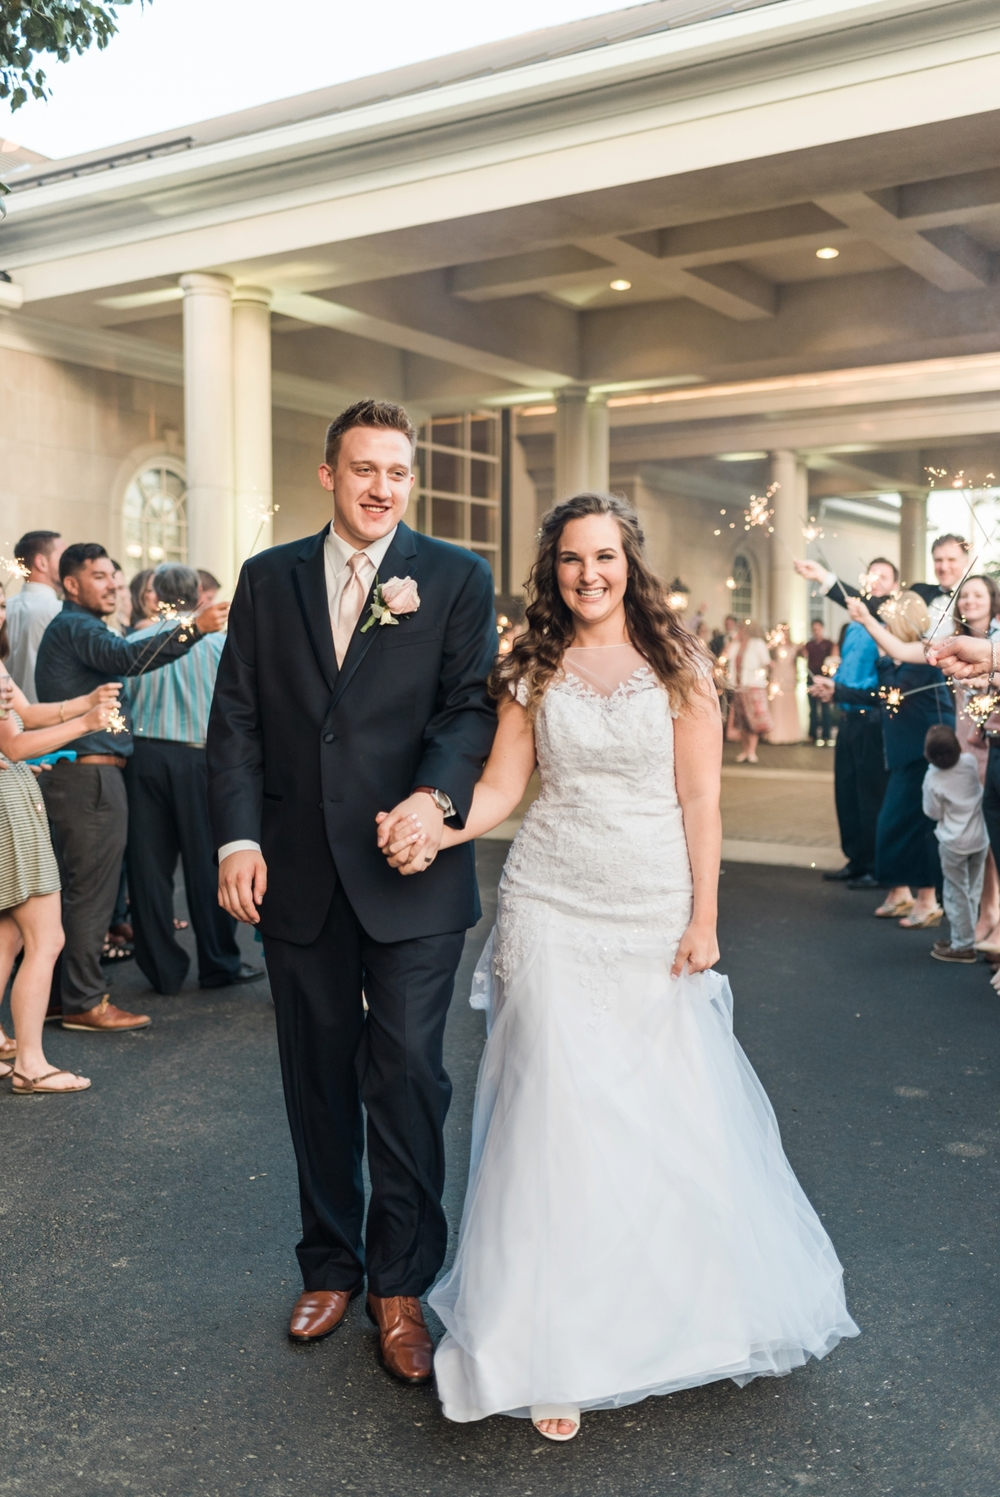 Community_Life_Center_Indianapolis_Indiana_Wedding_Photographer_Chloe_Luka_Photography_7004.jpg